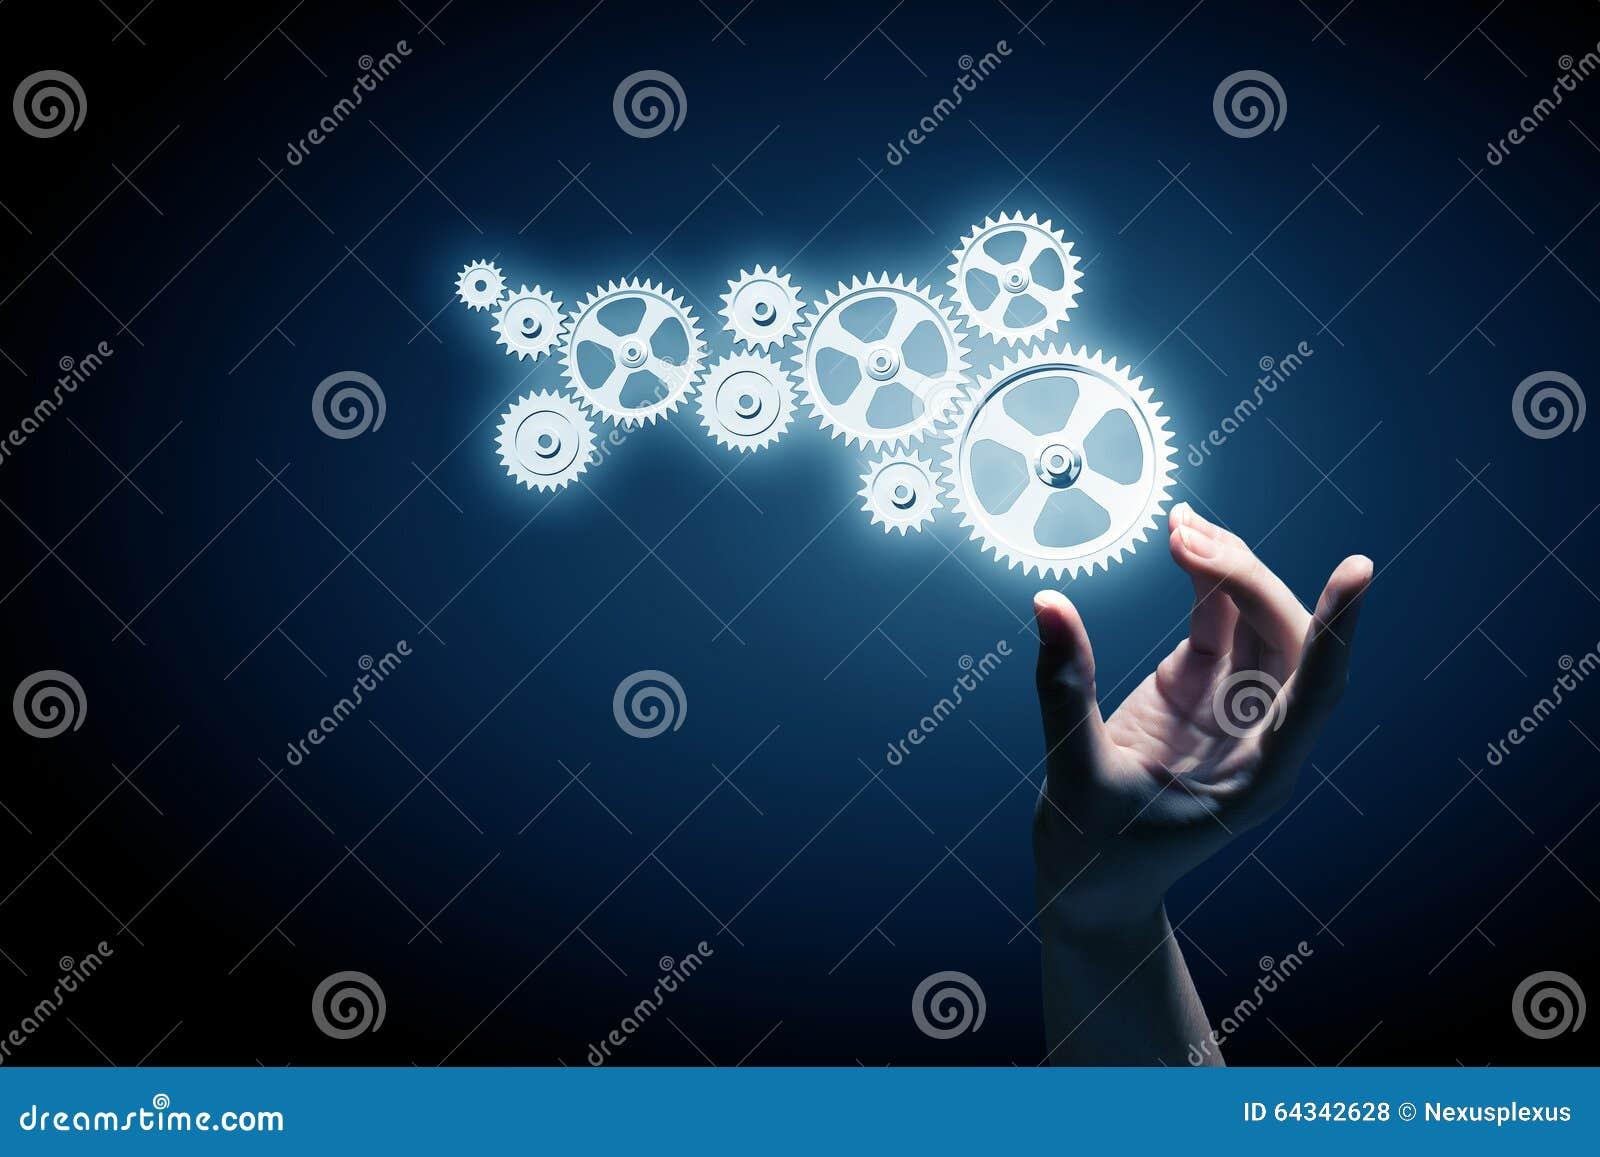 Tandradmechanisme als groepswerkconcept